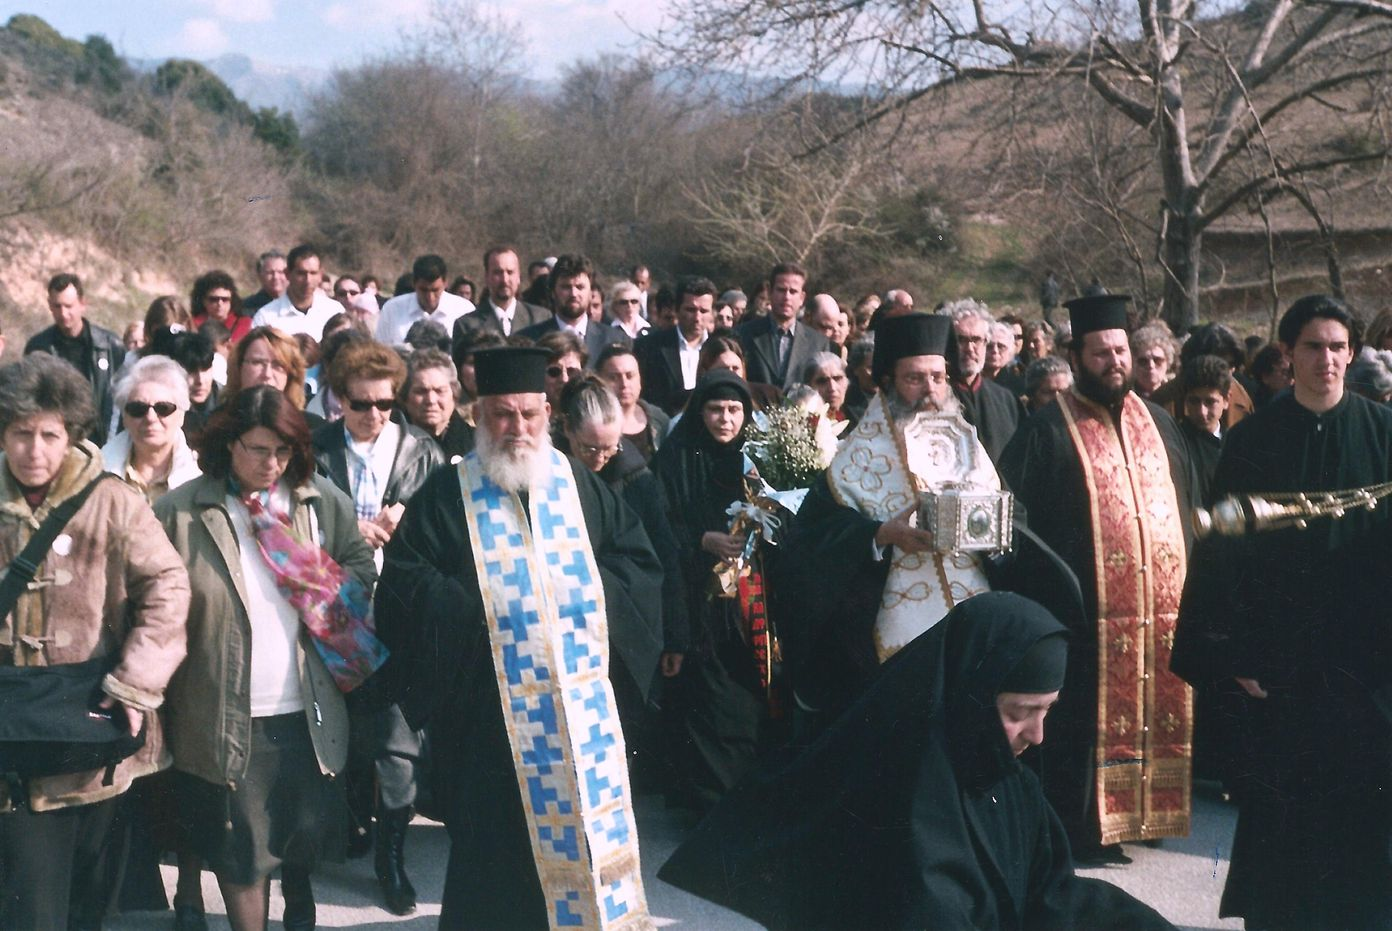 Υποδοχή της Τιμίας Κάρας του Αγίου Ραφαήλ από την Μυτιλήνη Λέσβου στην Ιερά μας Μονή. Λιτανεία.